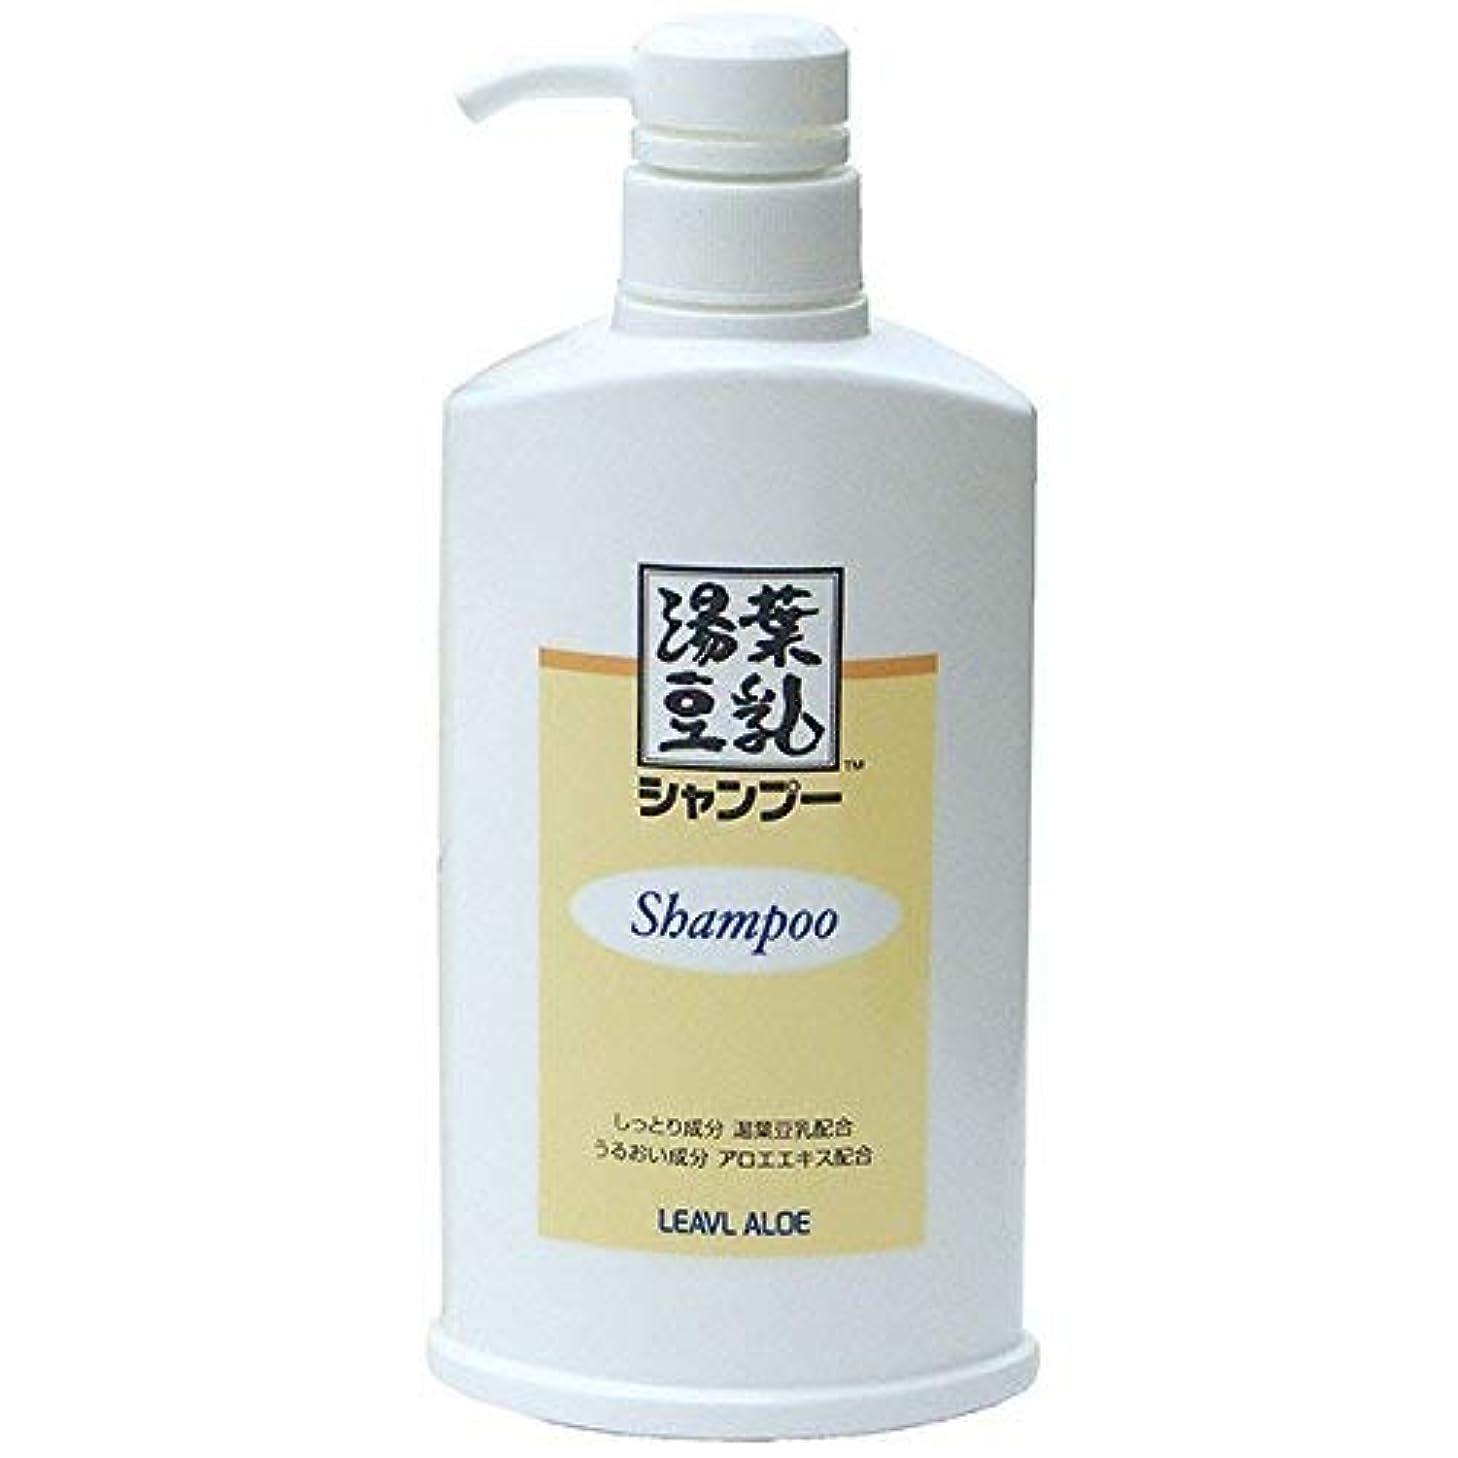 湯葉豆乳シャンプー 500ml